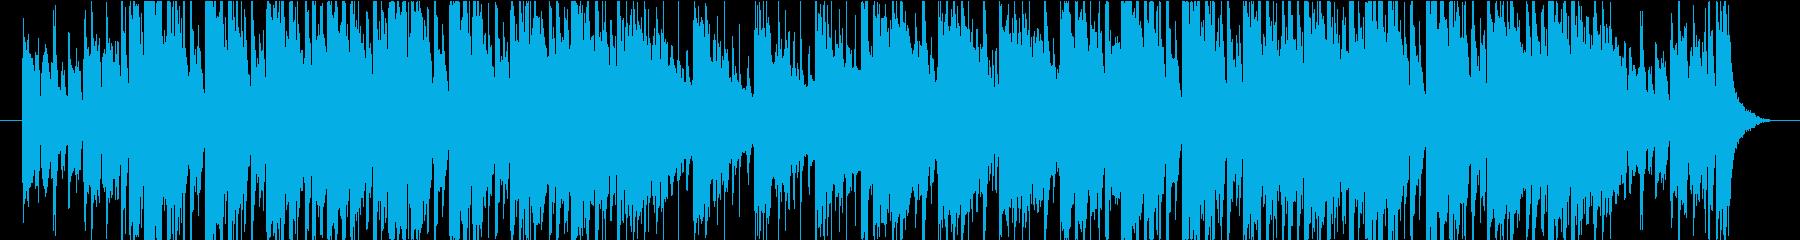 ファンキーな管楽器による都会的なTUNEの再生済みの波形